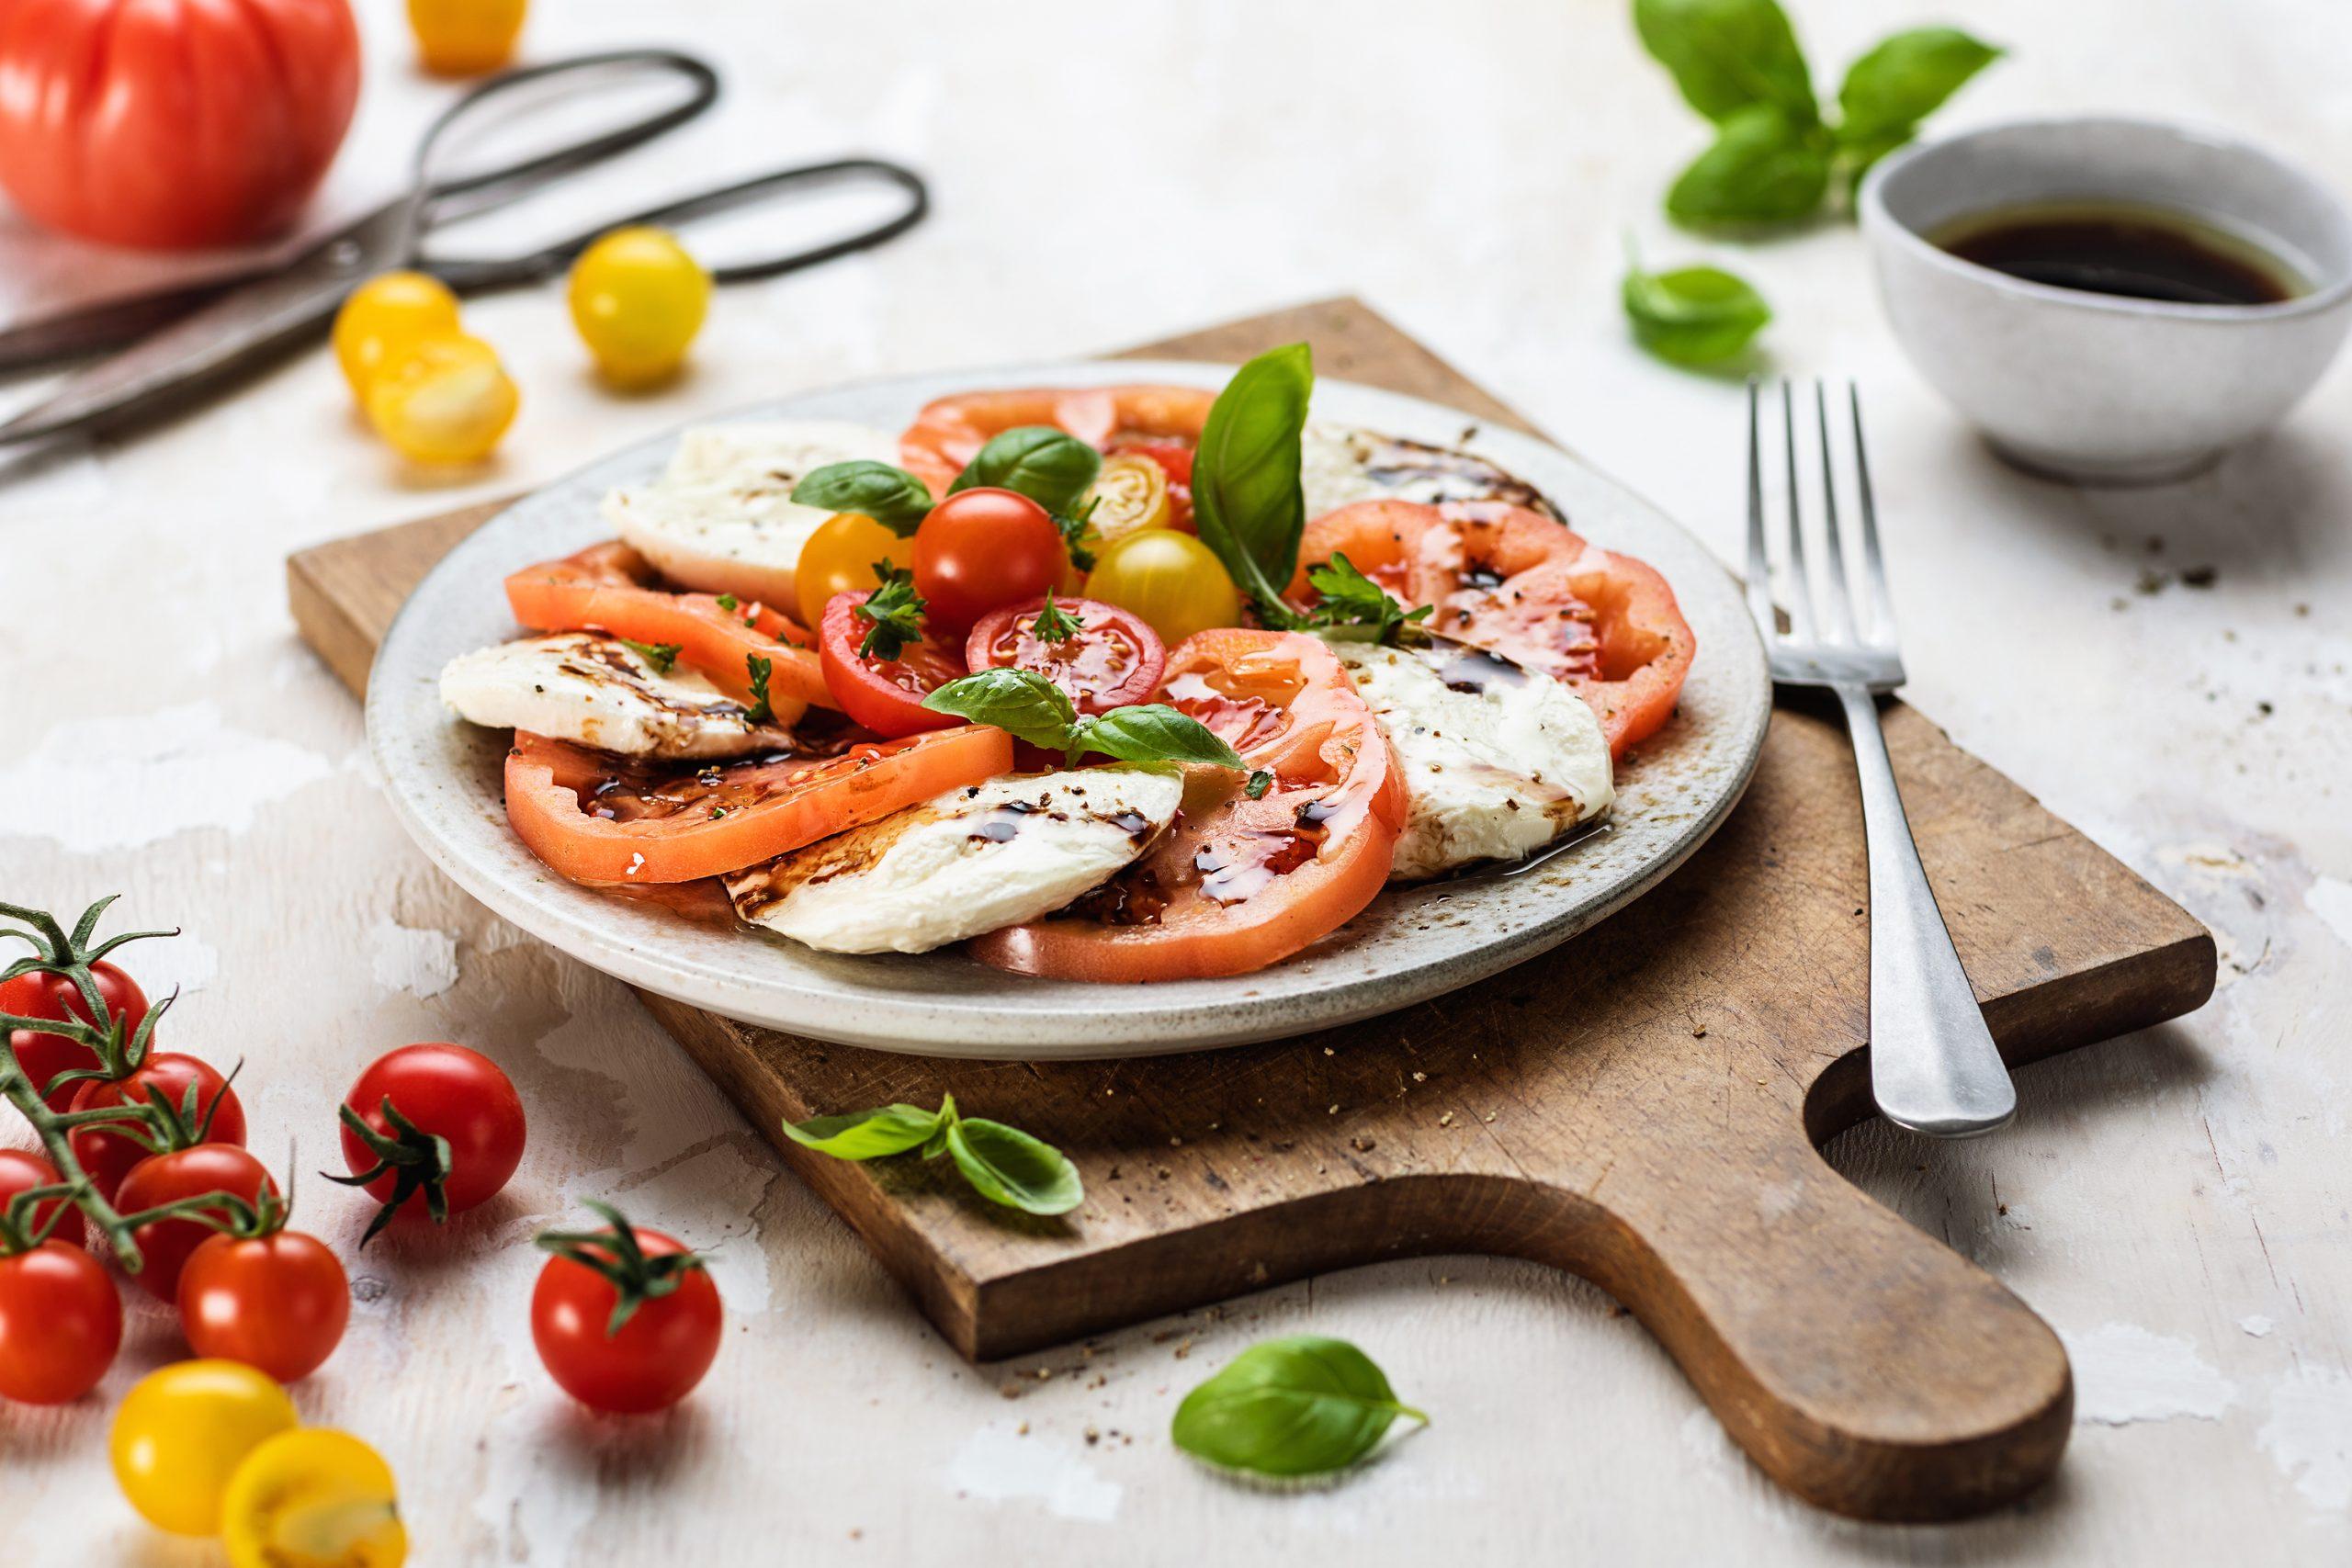 Tomaten-Mozzarella-Salat (Caprese)